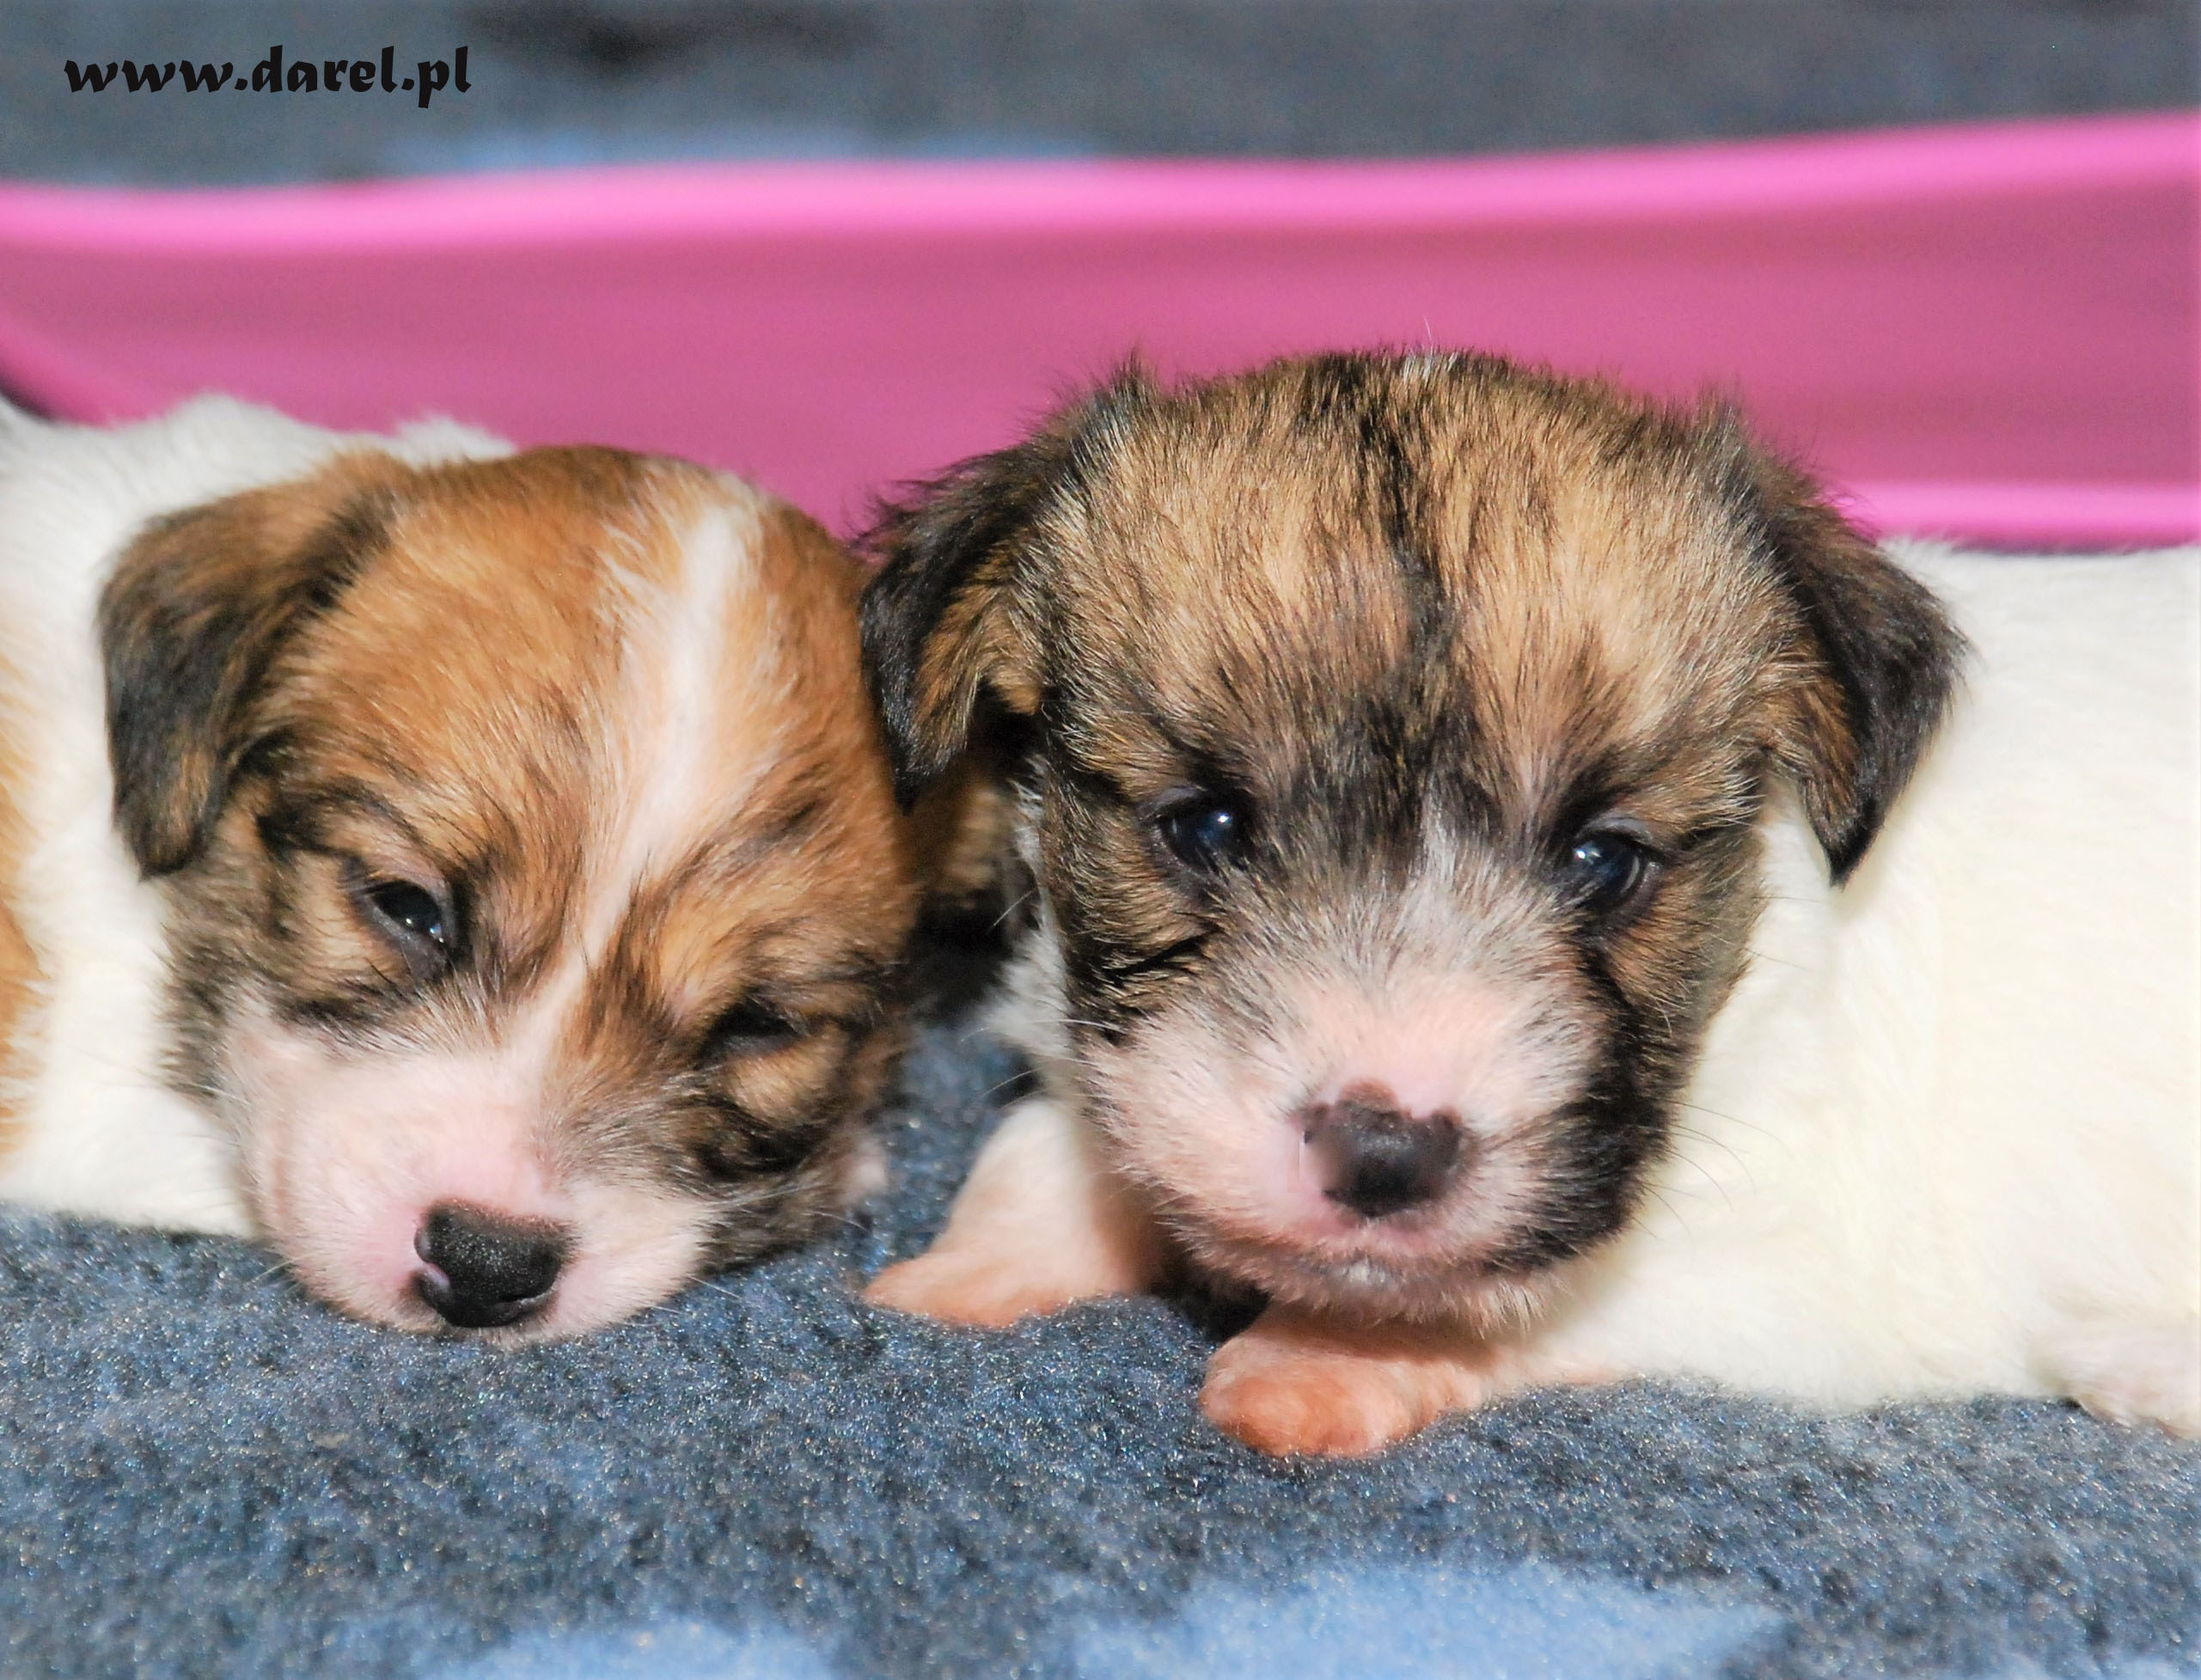 REINA | DAREL Hodowla jack russell terrier JRT